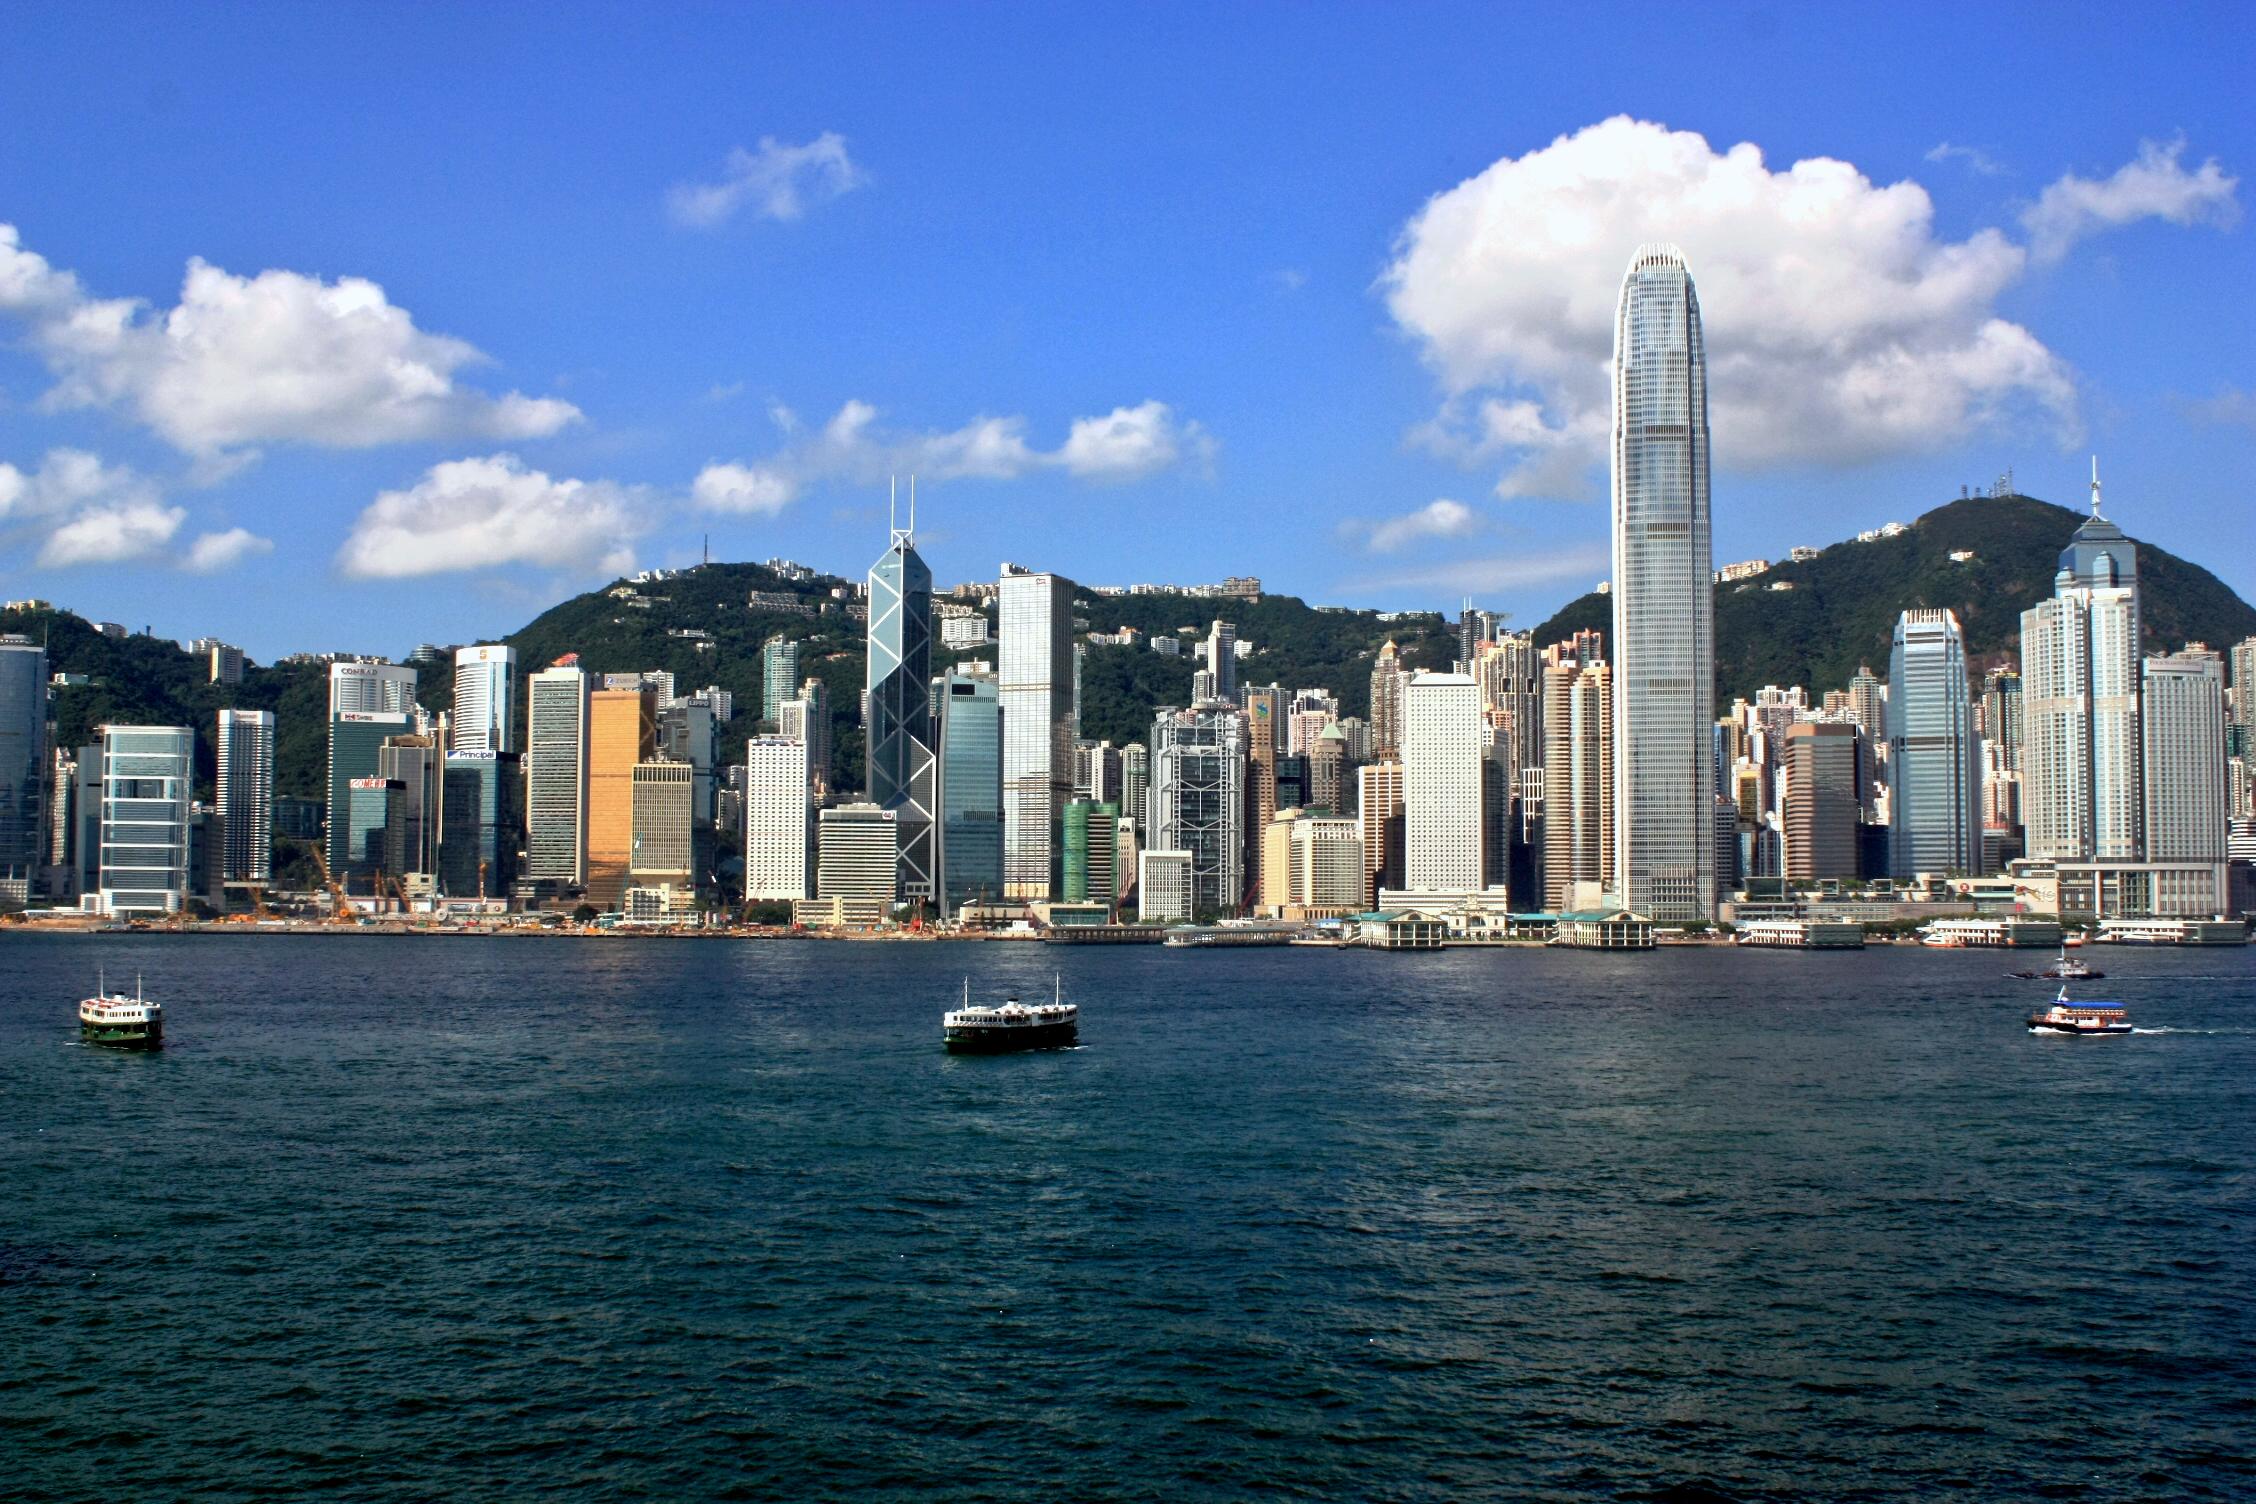 http://www.prasannaholidays.com/wp-content/uploads/2014/05/Hong_Kong_Island_Skyline_2009.jpg